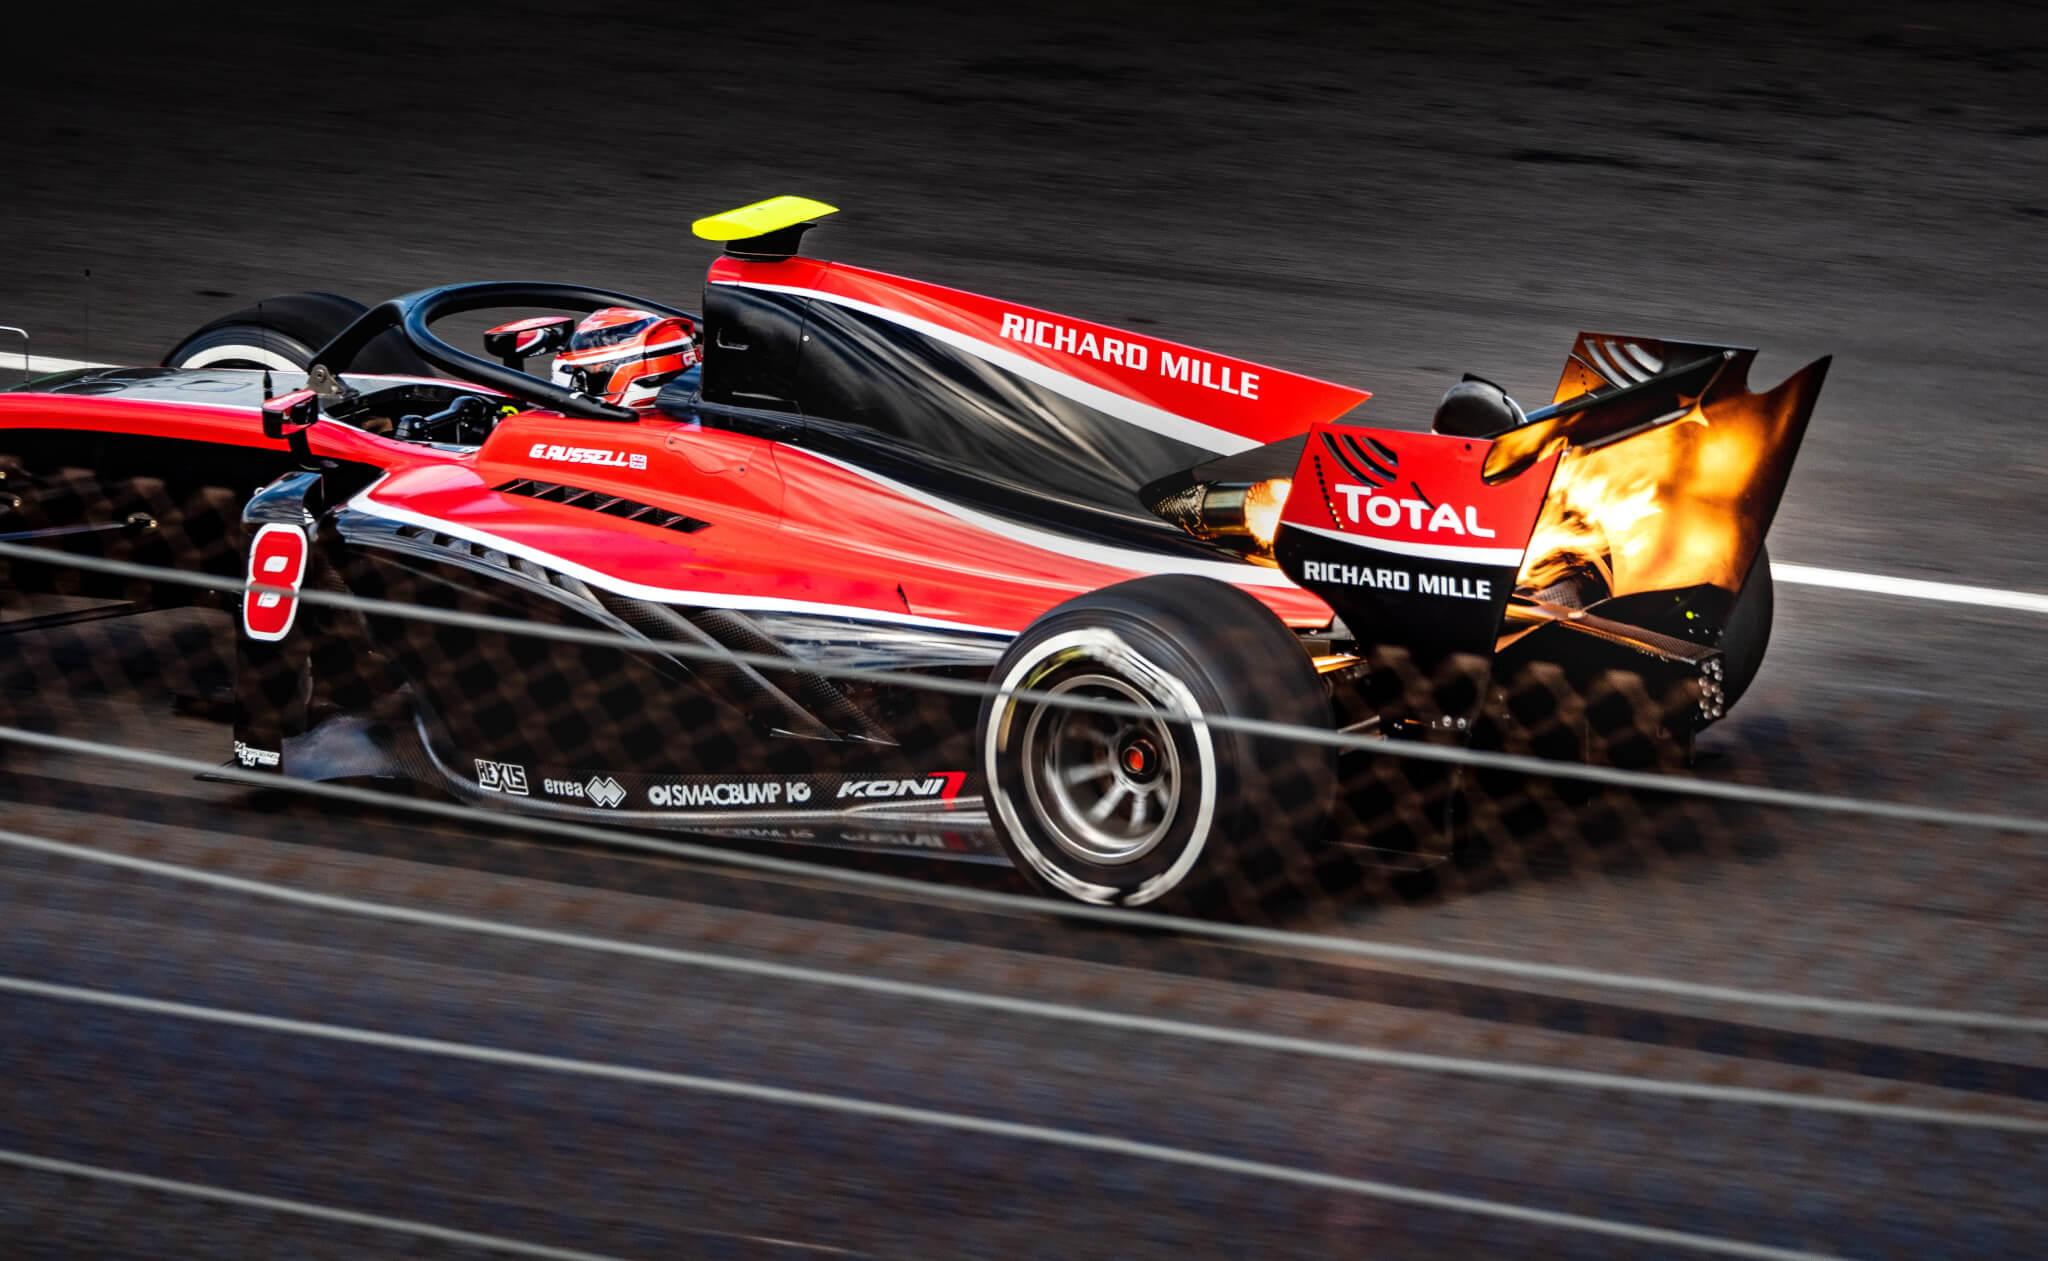 Speed - F1 Grand Prix Fast Facts